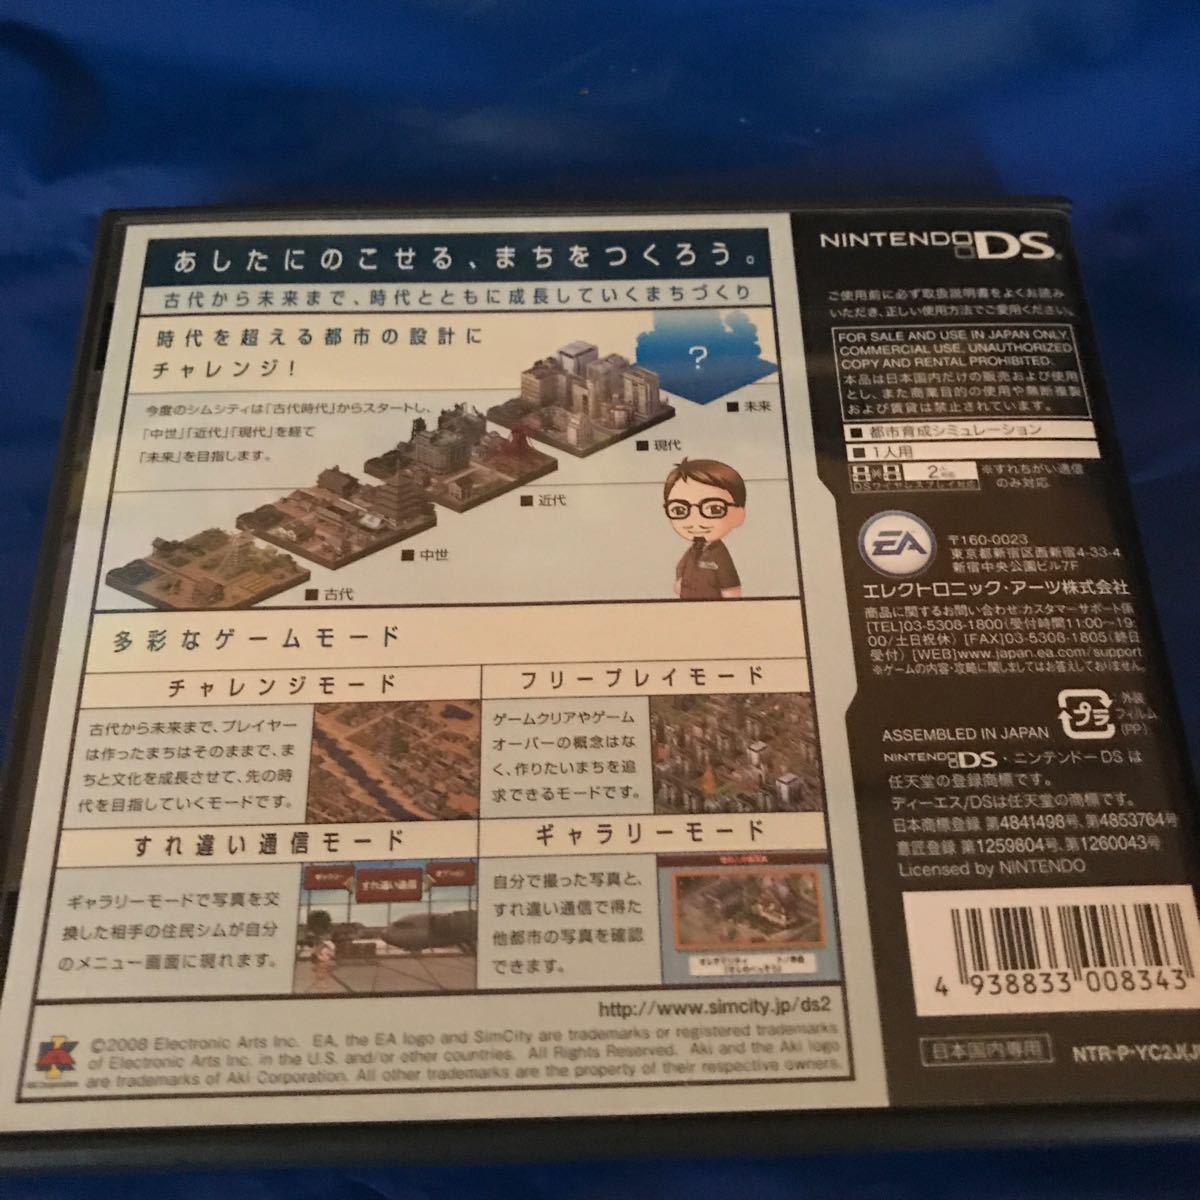 【DS】 シムシティDS2